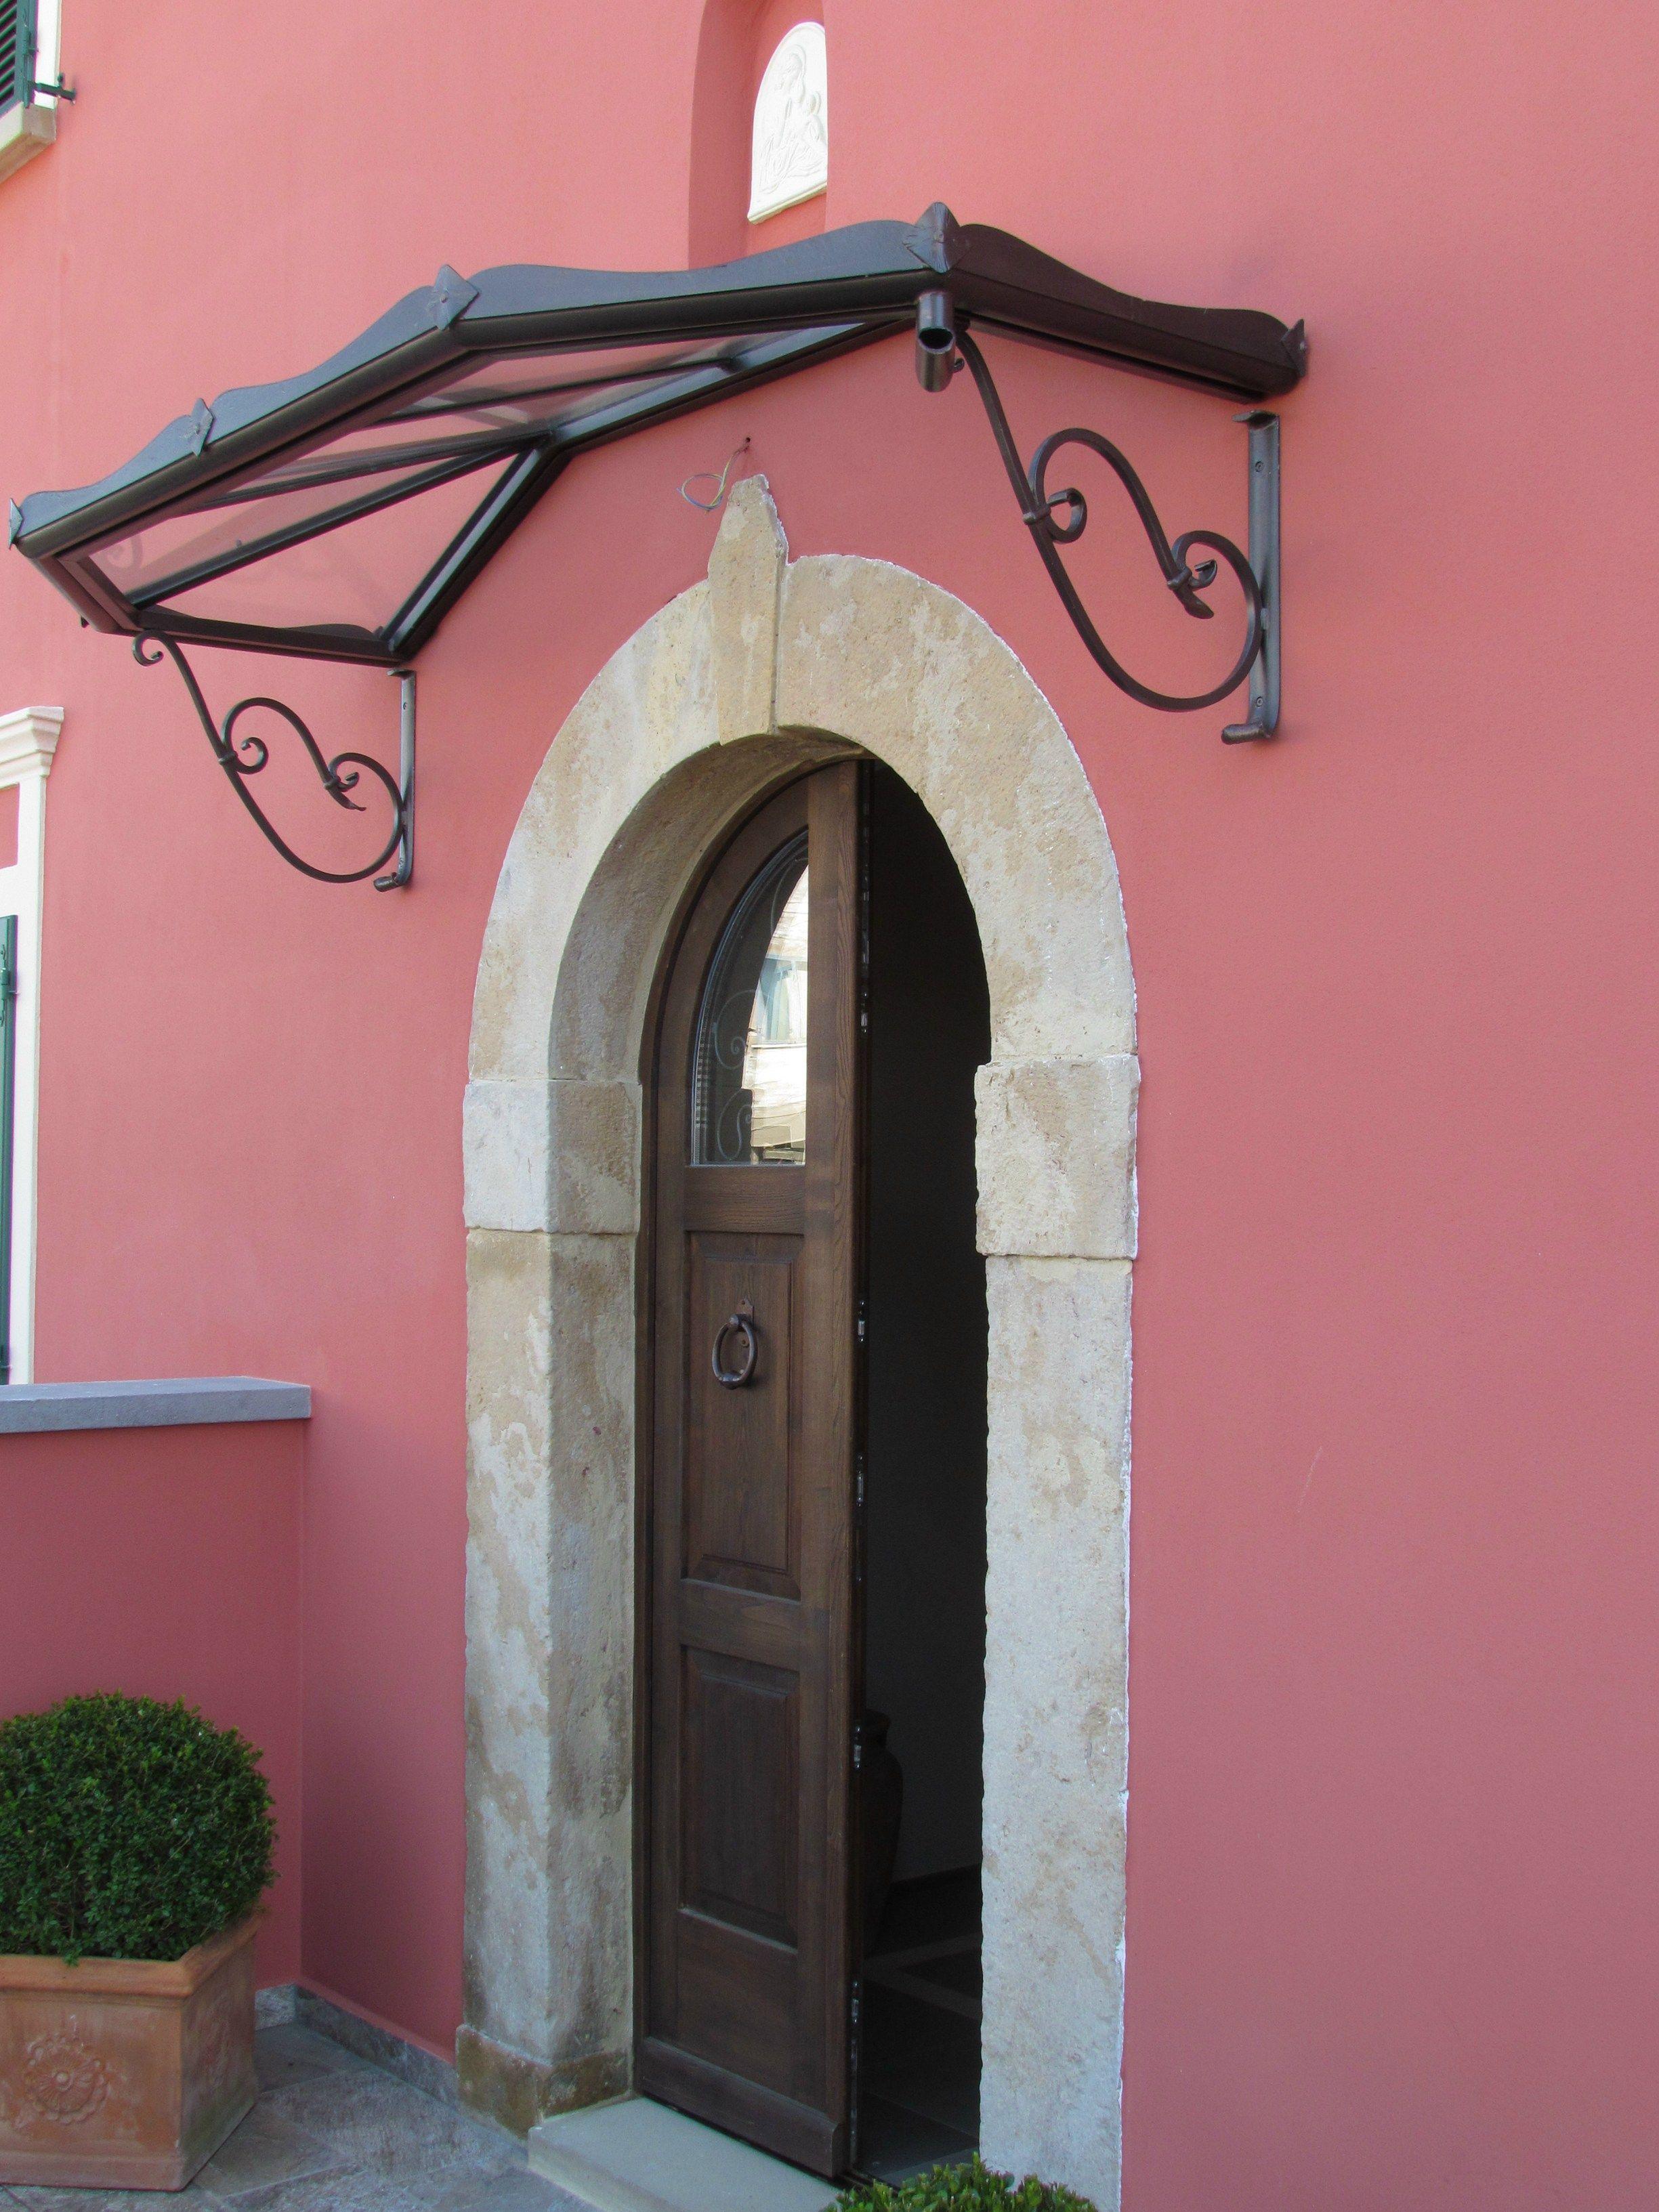 Porte d 39 entr e avec marquise en fer garden house - Marquise porte d entree ...